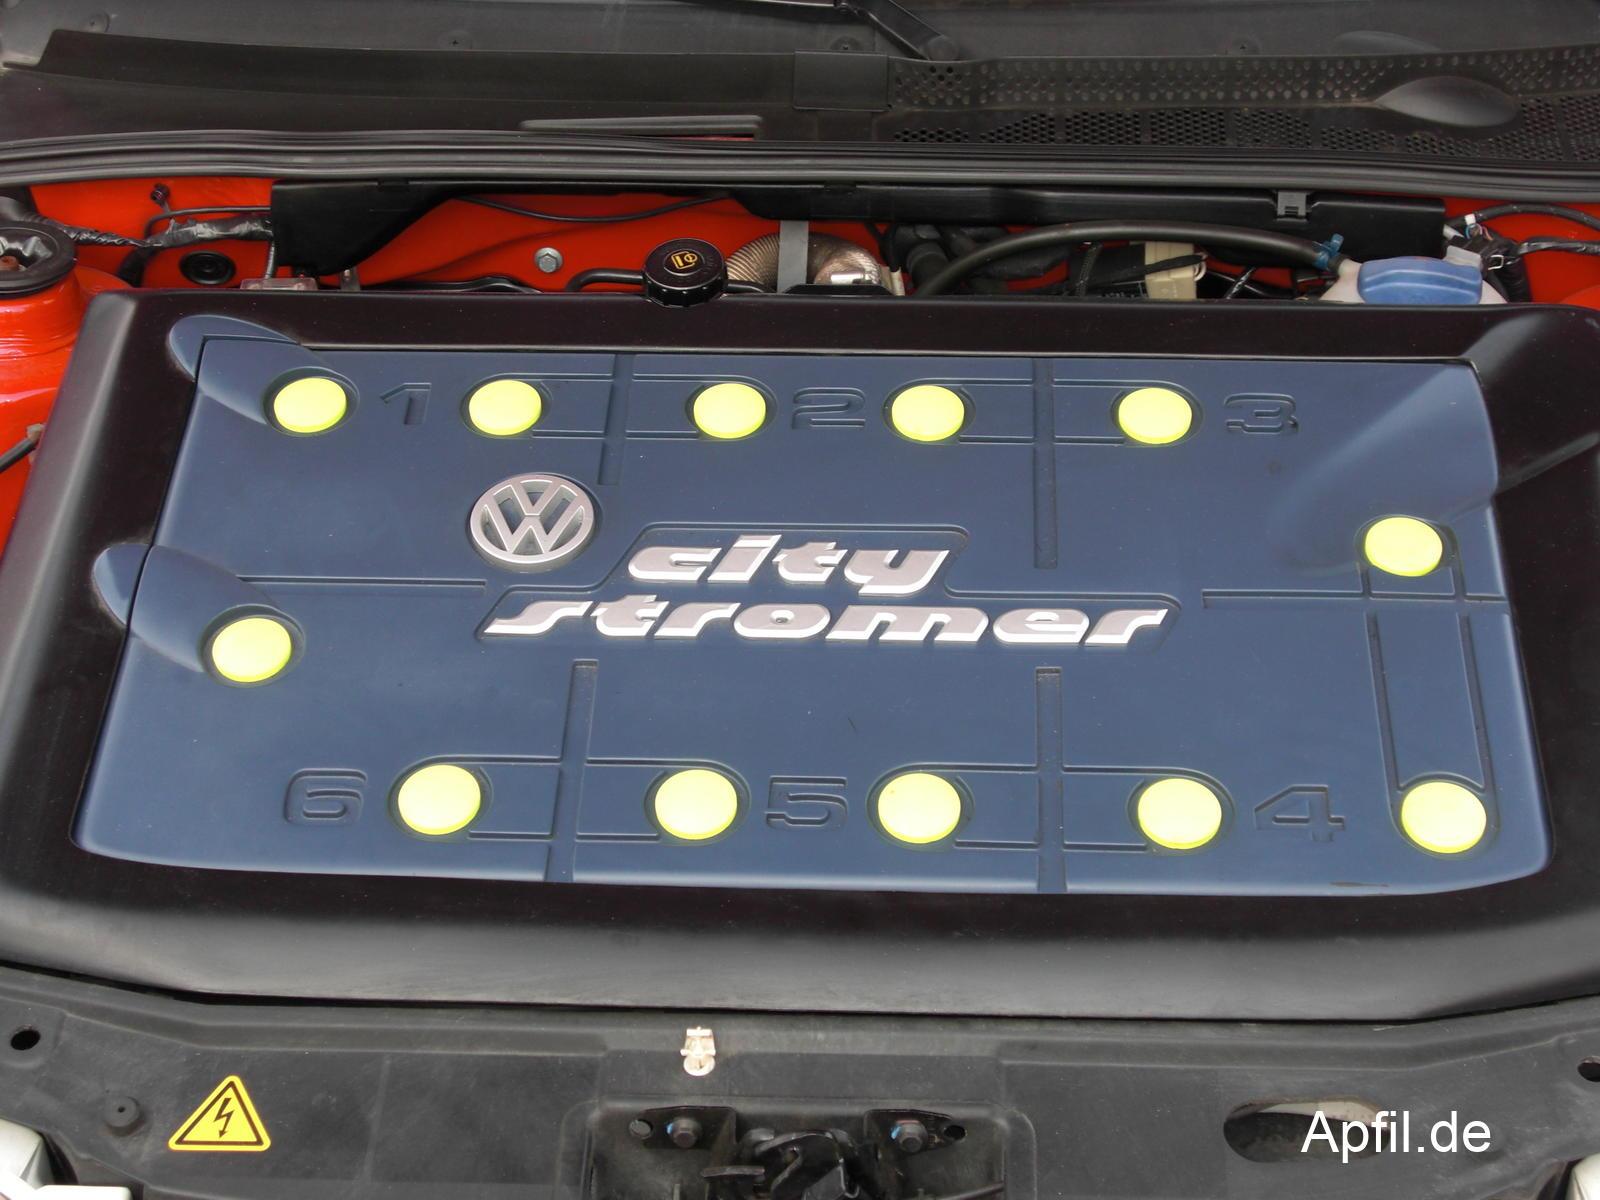 Batterie des VW Golf citySTROMer